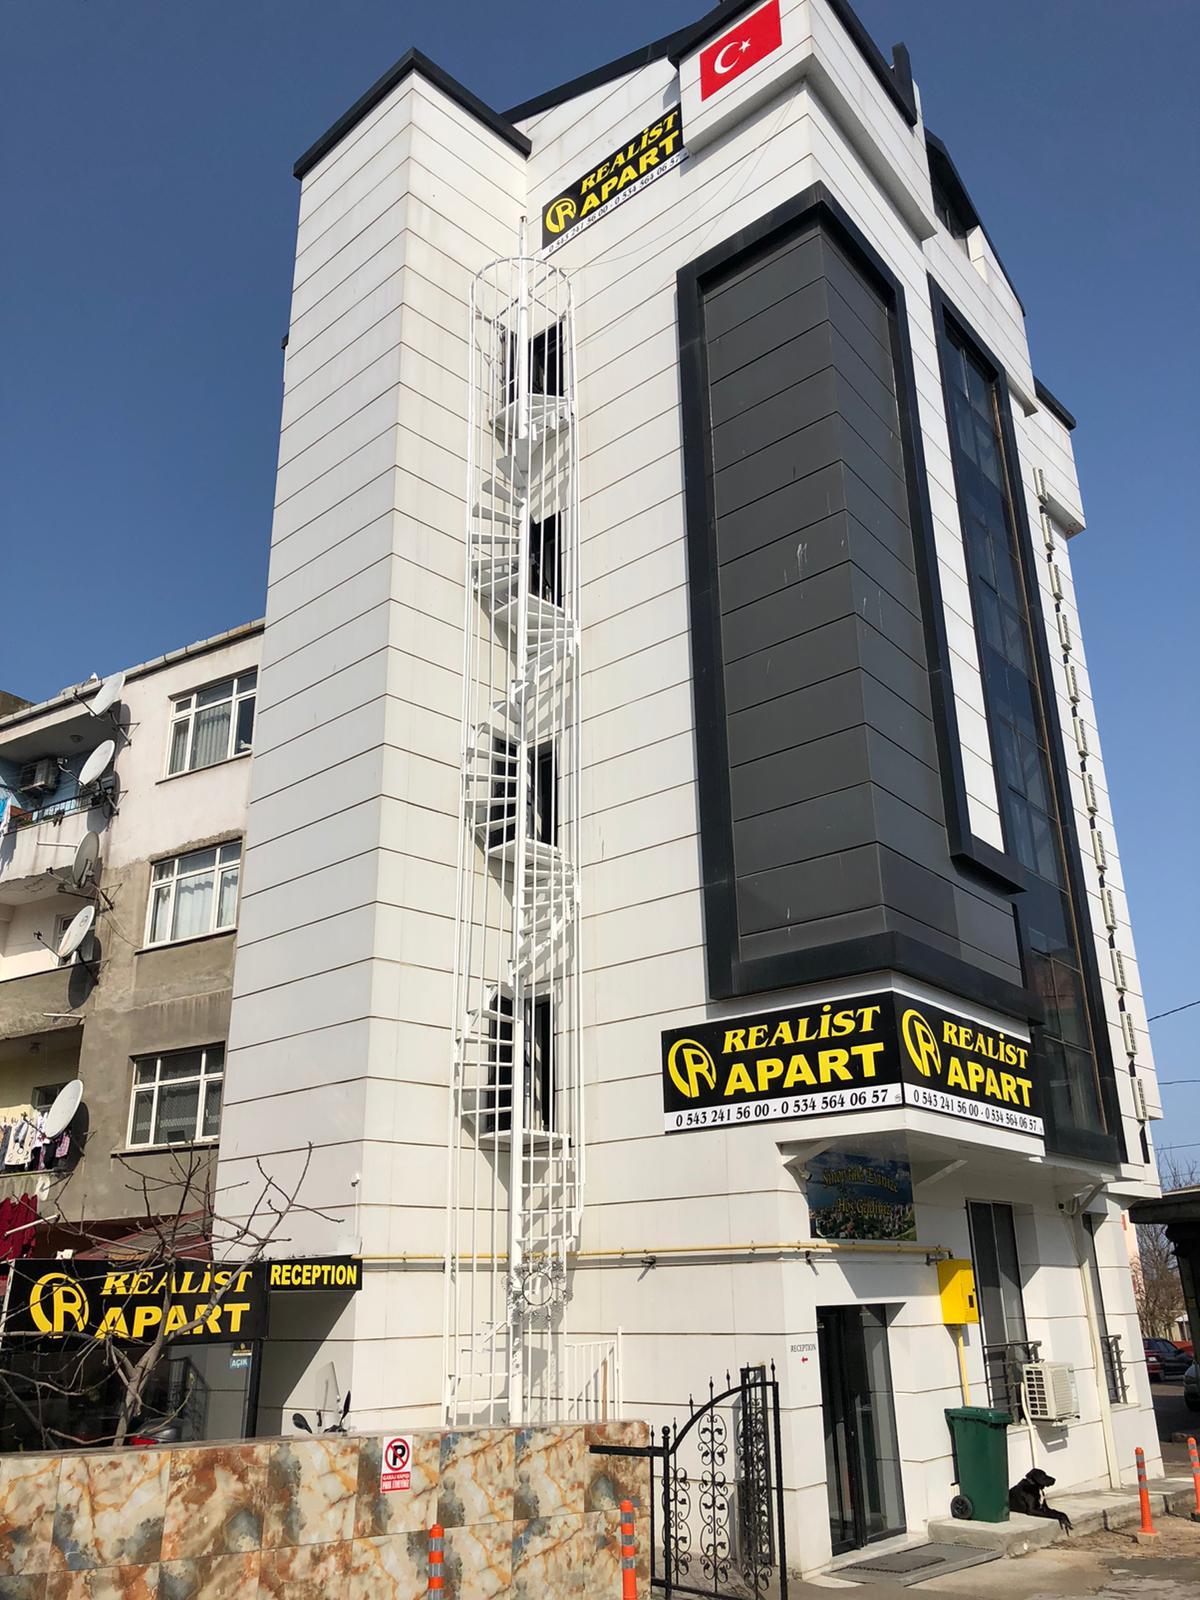 <p>Firmamız hakkında bilgi veren hakkımızda sayfasına hoşgeldiniz. Sinop'ta günlük kiralık ev tutmak zor olmakla beraber masraflıdır. Bunların yanı sıra kurs, öğrenim ve kısa süre konaklamalar için günlük kiralık daire bulmak zor olmakla beraber otellerde çok pahalıdır. Sinop'ta pansiyon ve günlük kiralık daire denilince ilk akla gelen Realist Pansiyon Sinop Merkez'de hizmetini sürdürmektedir. Bütçeye ve kişi sayısına göre oda çeşitleri sunan firmamız deniz panzaralı pansiyon ve apart odaları ile hizmet vermektedir. Ayrıca Google gibi birçok platformdan hakkında kötü yorumlara en az yer verilen firma olma başarısını taşımaktadır.</p> <p></p>